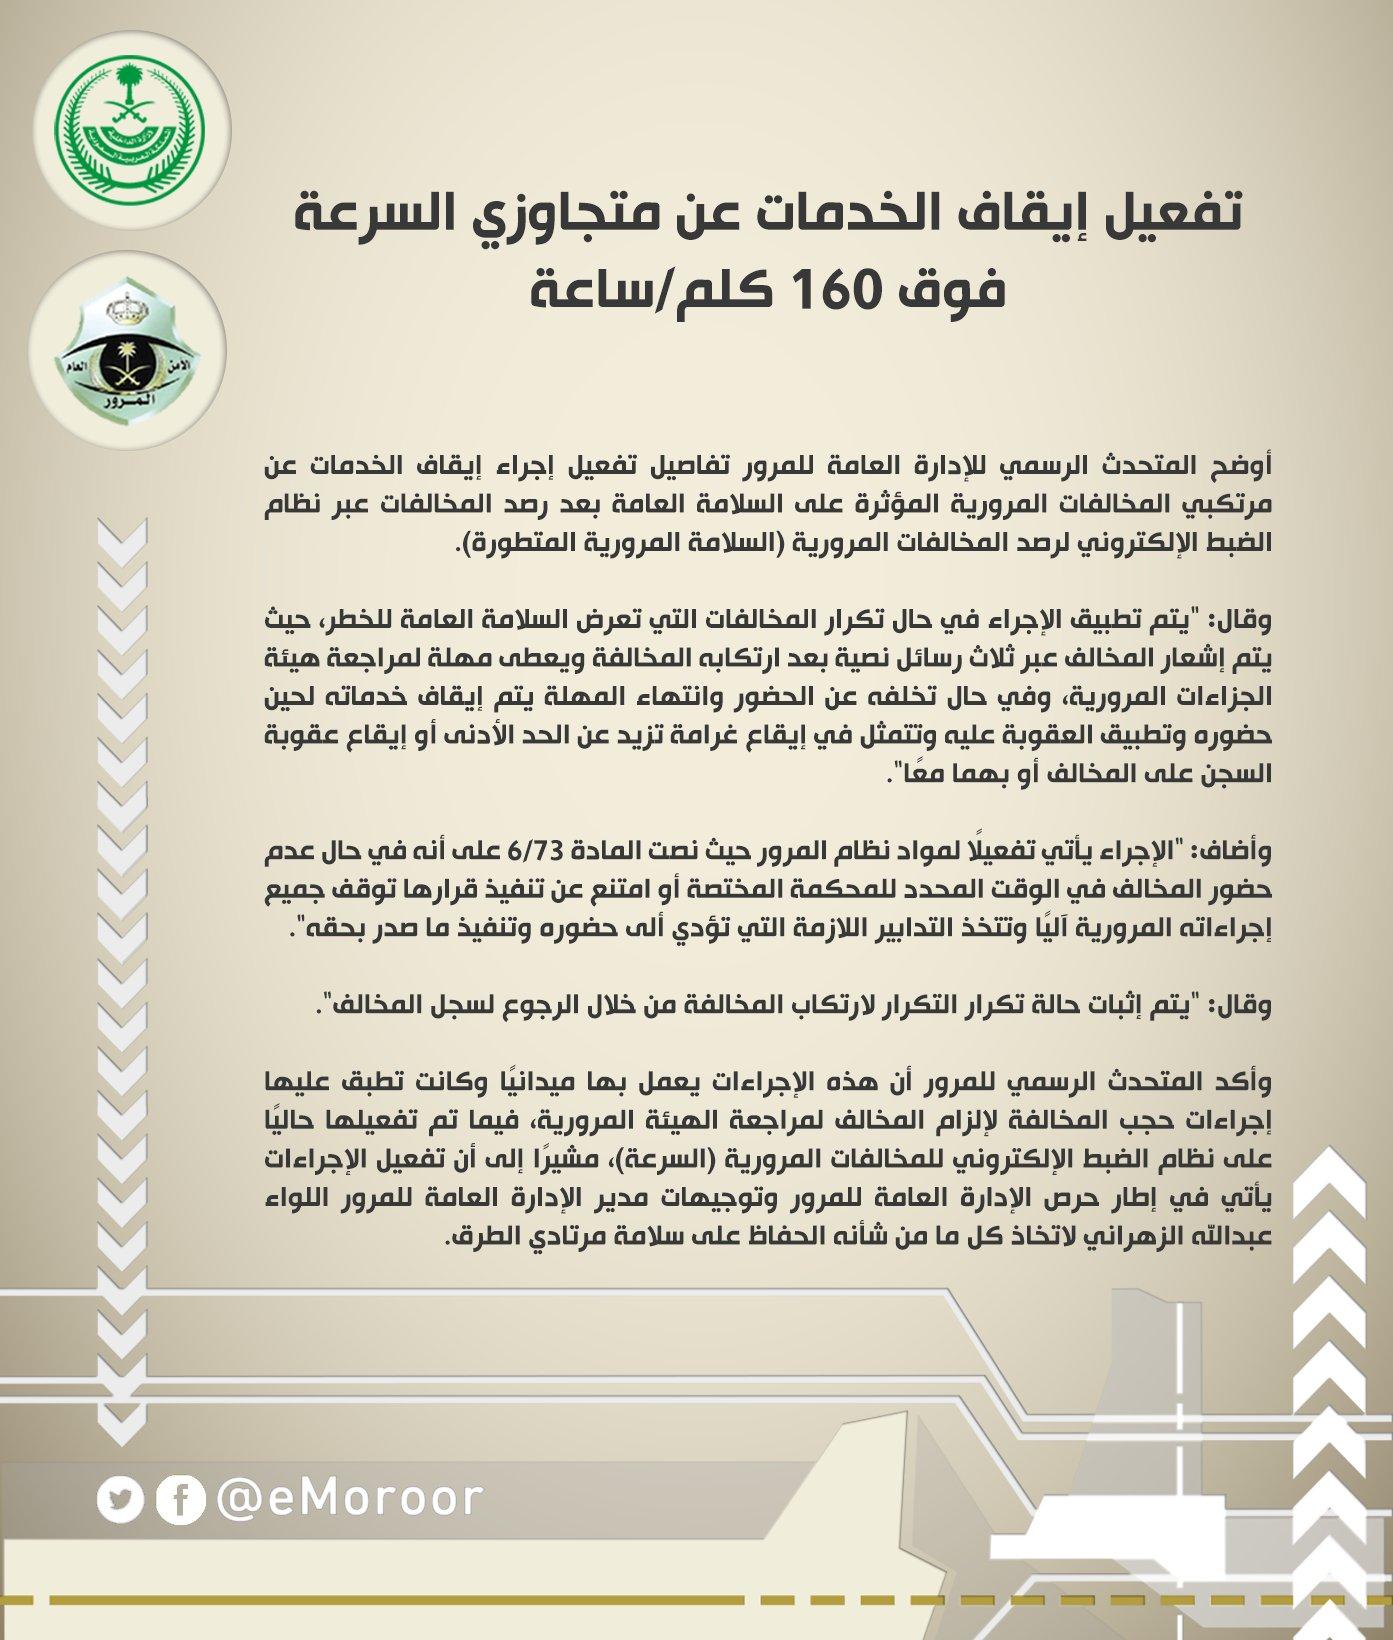 المرور السعودي Na Twitteru تفعيل إيقاف الخدمات عن متجاوزي السرعة فوق 160 كلم ساعة المرور السعودي Https T Co O25ctsj5uq